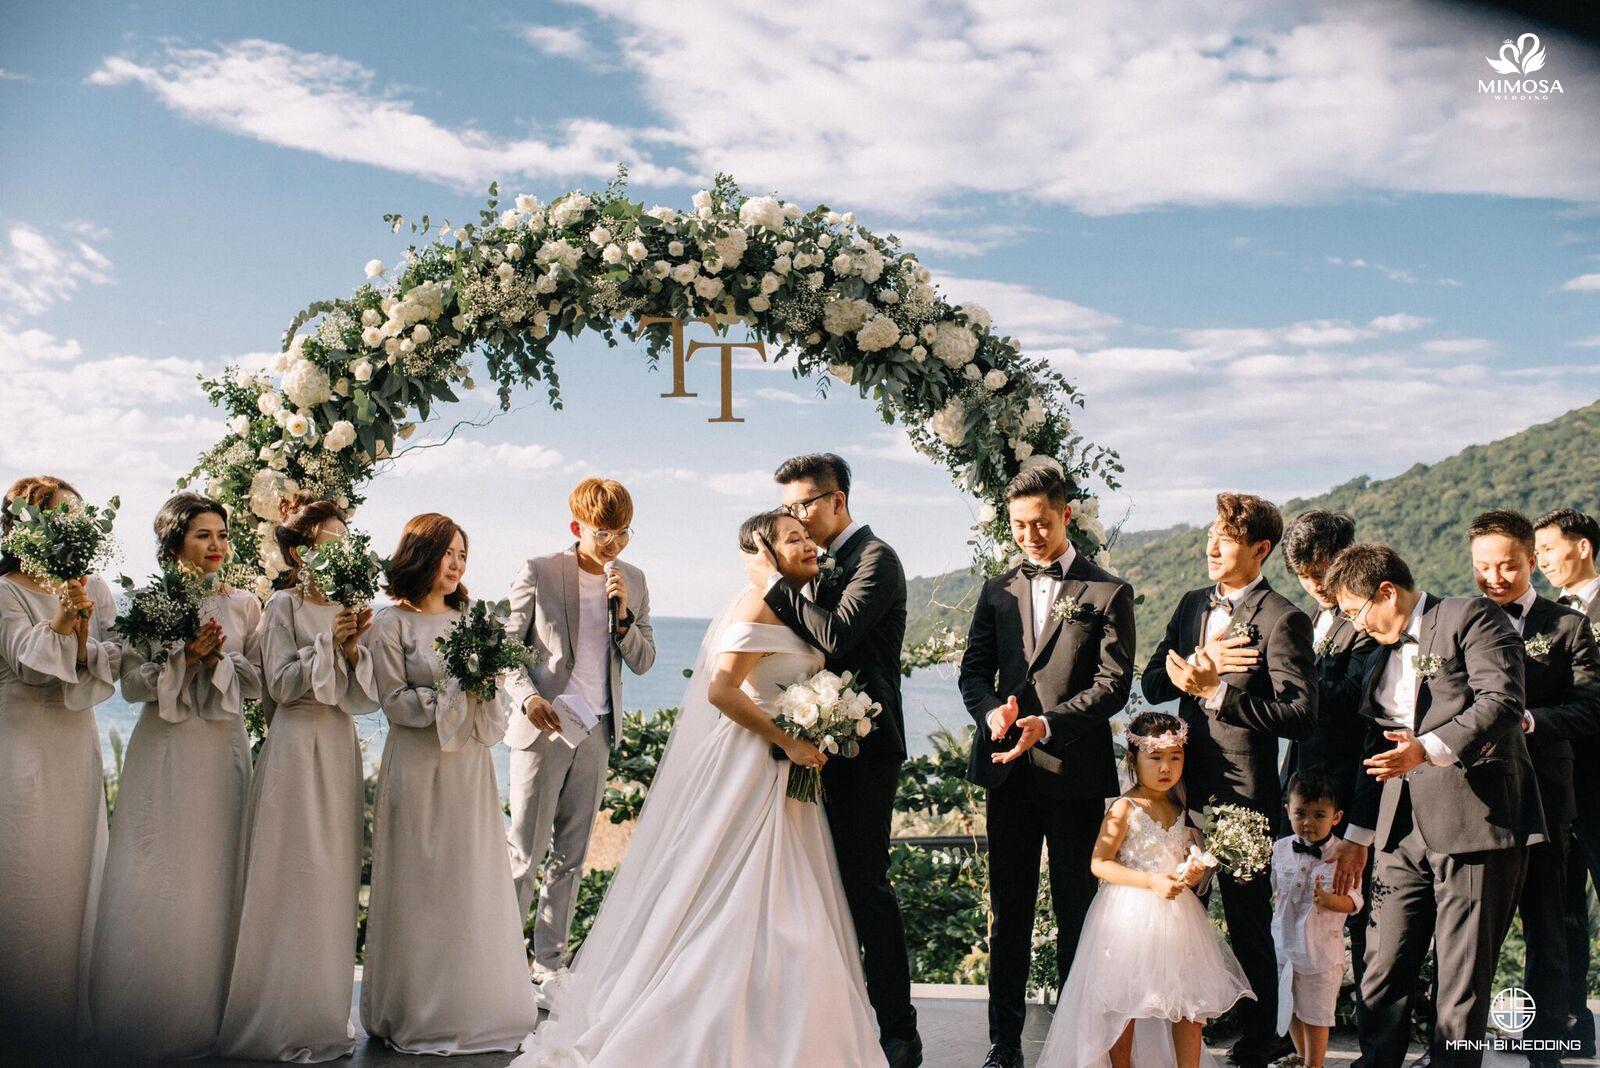 Lời cảm ơn trong đám cưới của Chú Rể (Nhà Trai) hay và ý nghĩa nhất